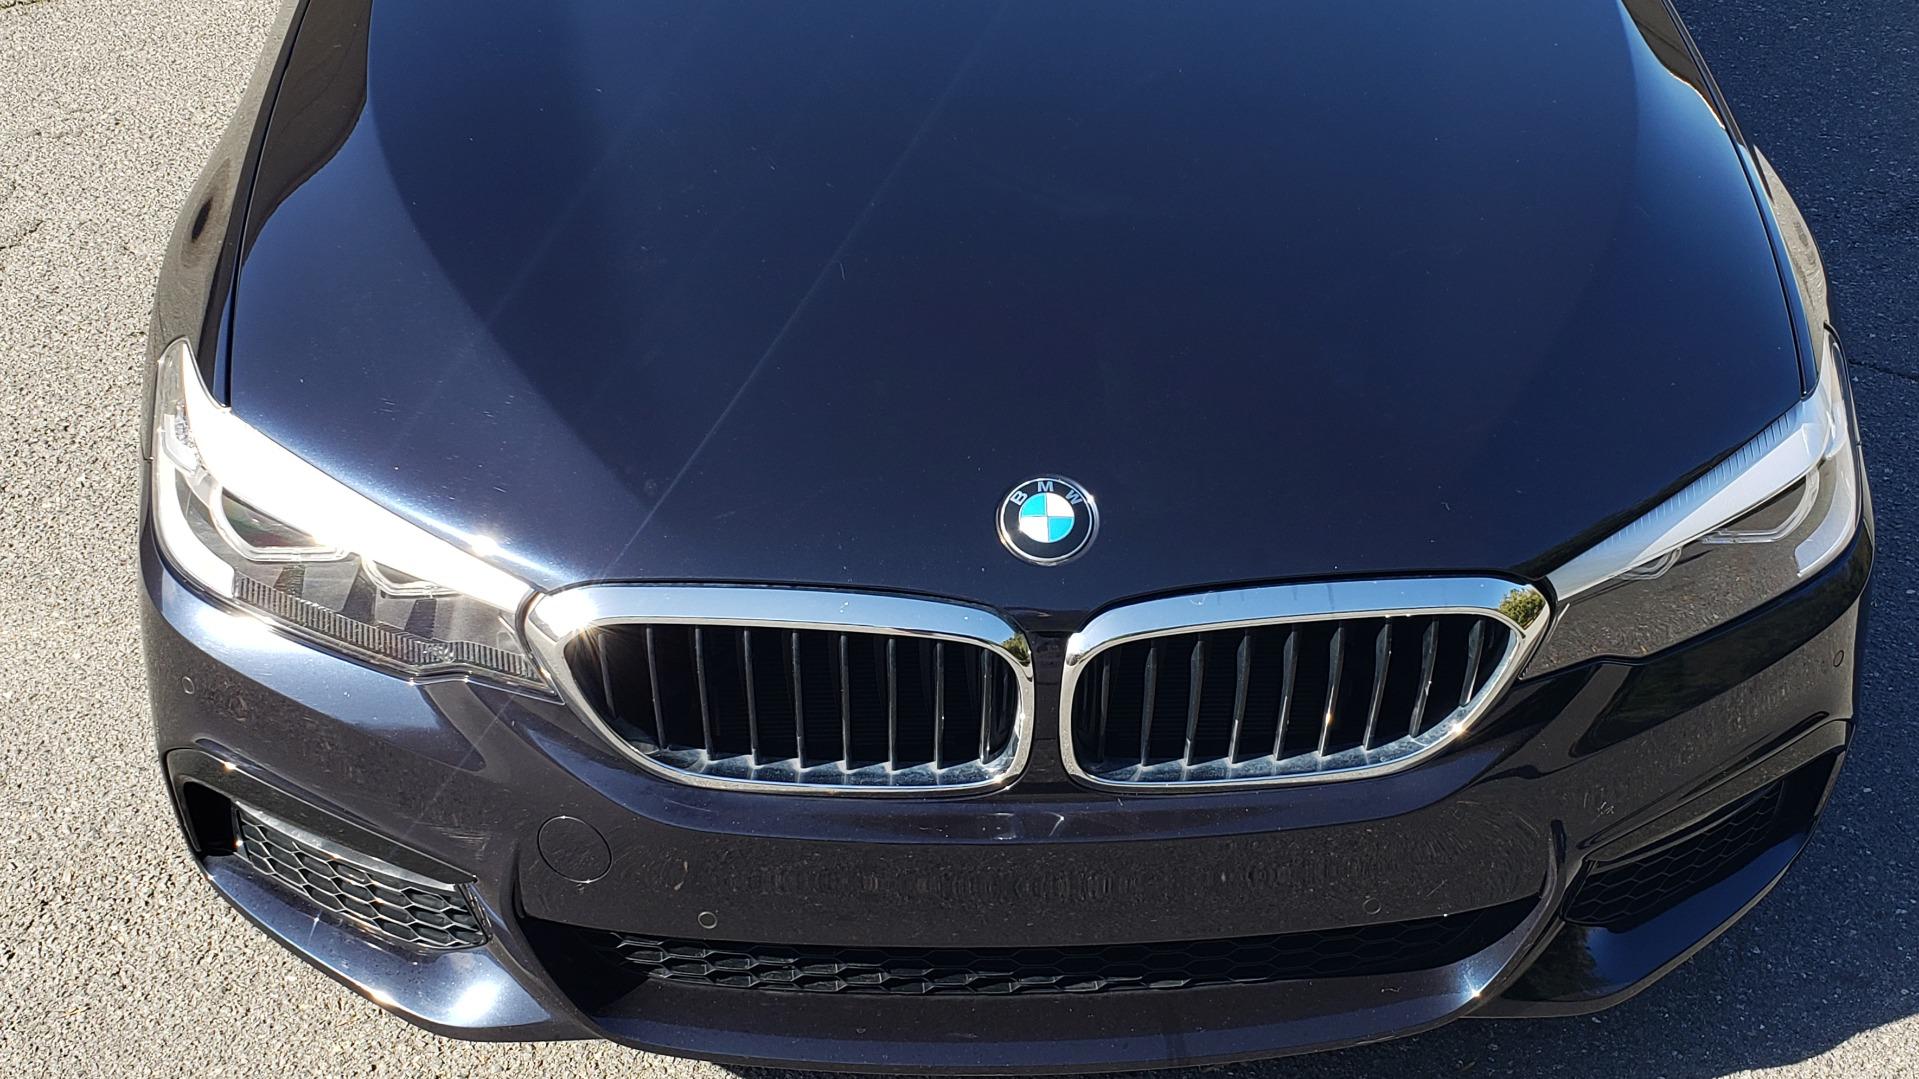 Used 2017 BMW 5 SERIES 530I M-SPORT / PREM PKG / DRVR ASST / HUD / NAV / REARVIEW for sale $33,995 at Formula Imports in Charlotte NC 28227 13